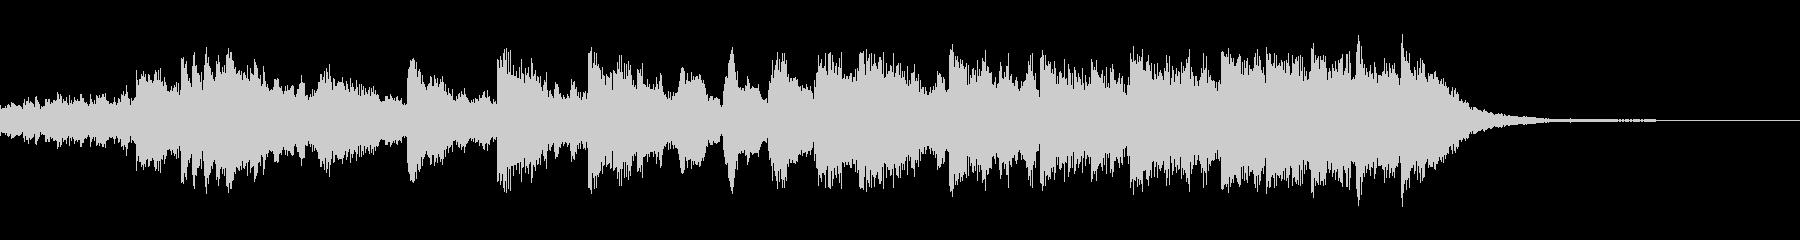 オーケストラエレクトロインストゥル...の未再生の波形